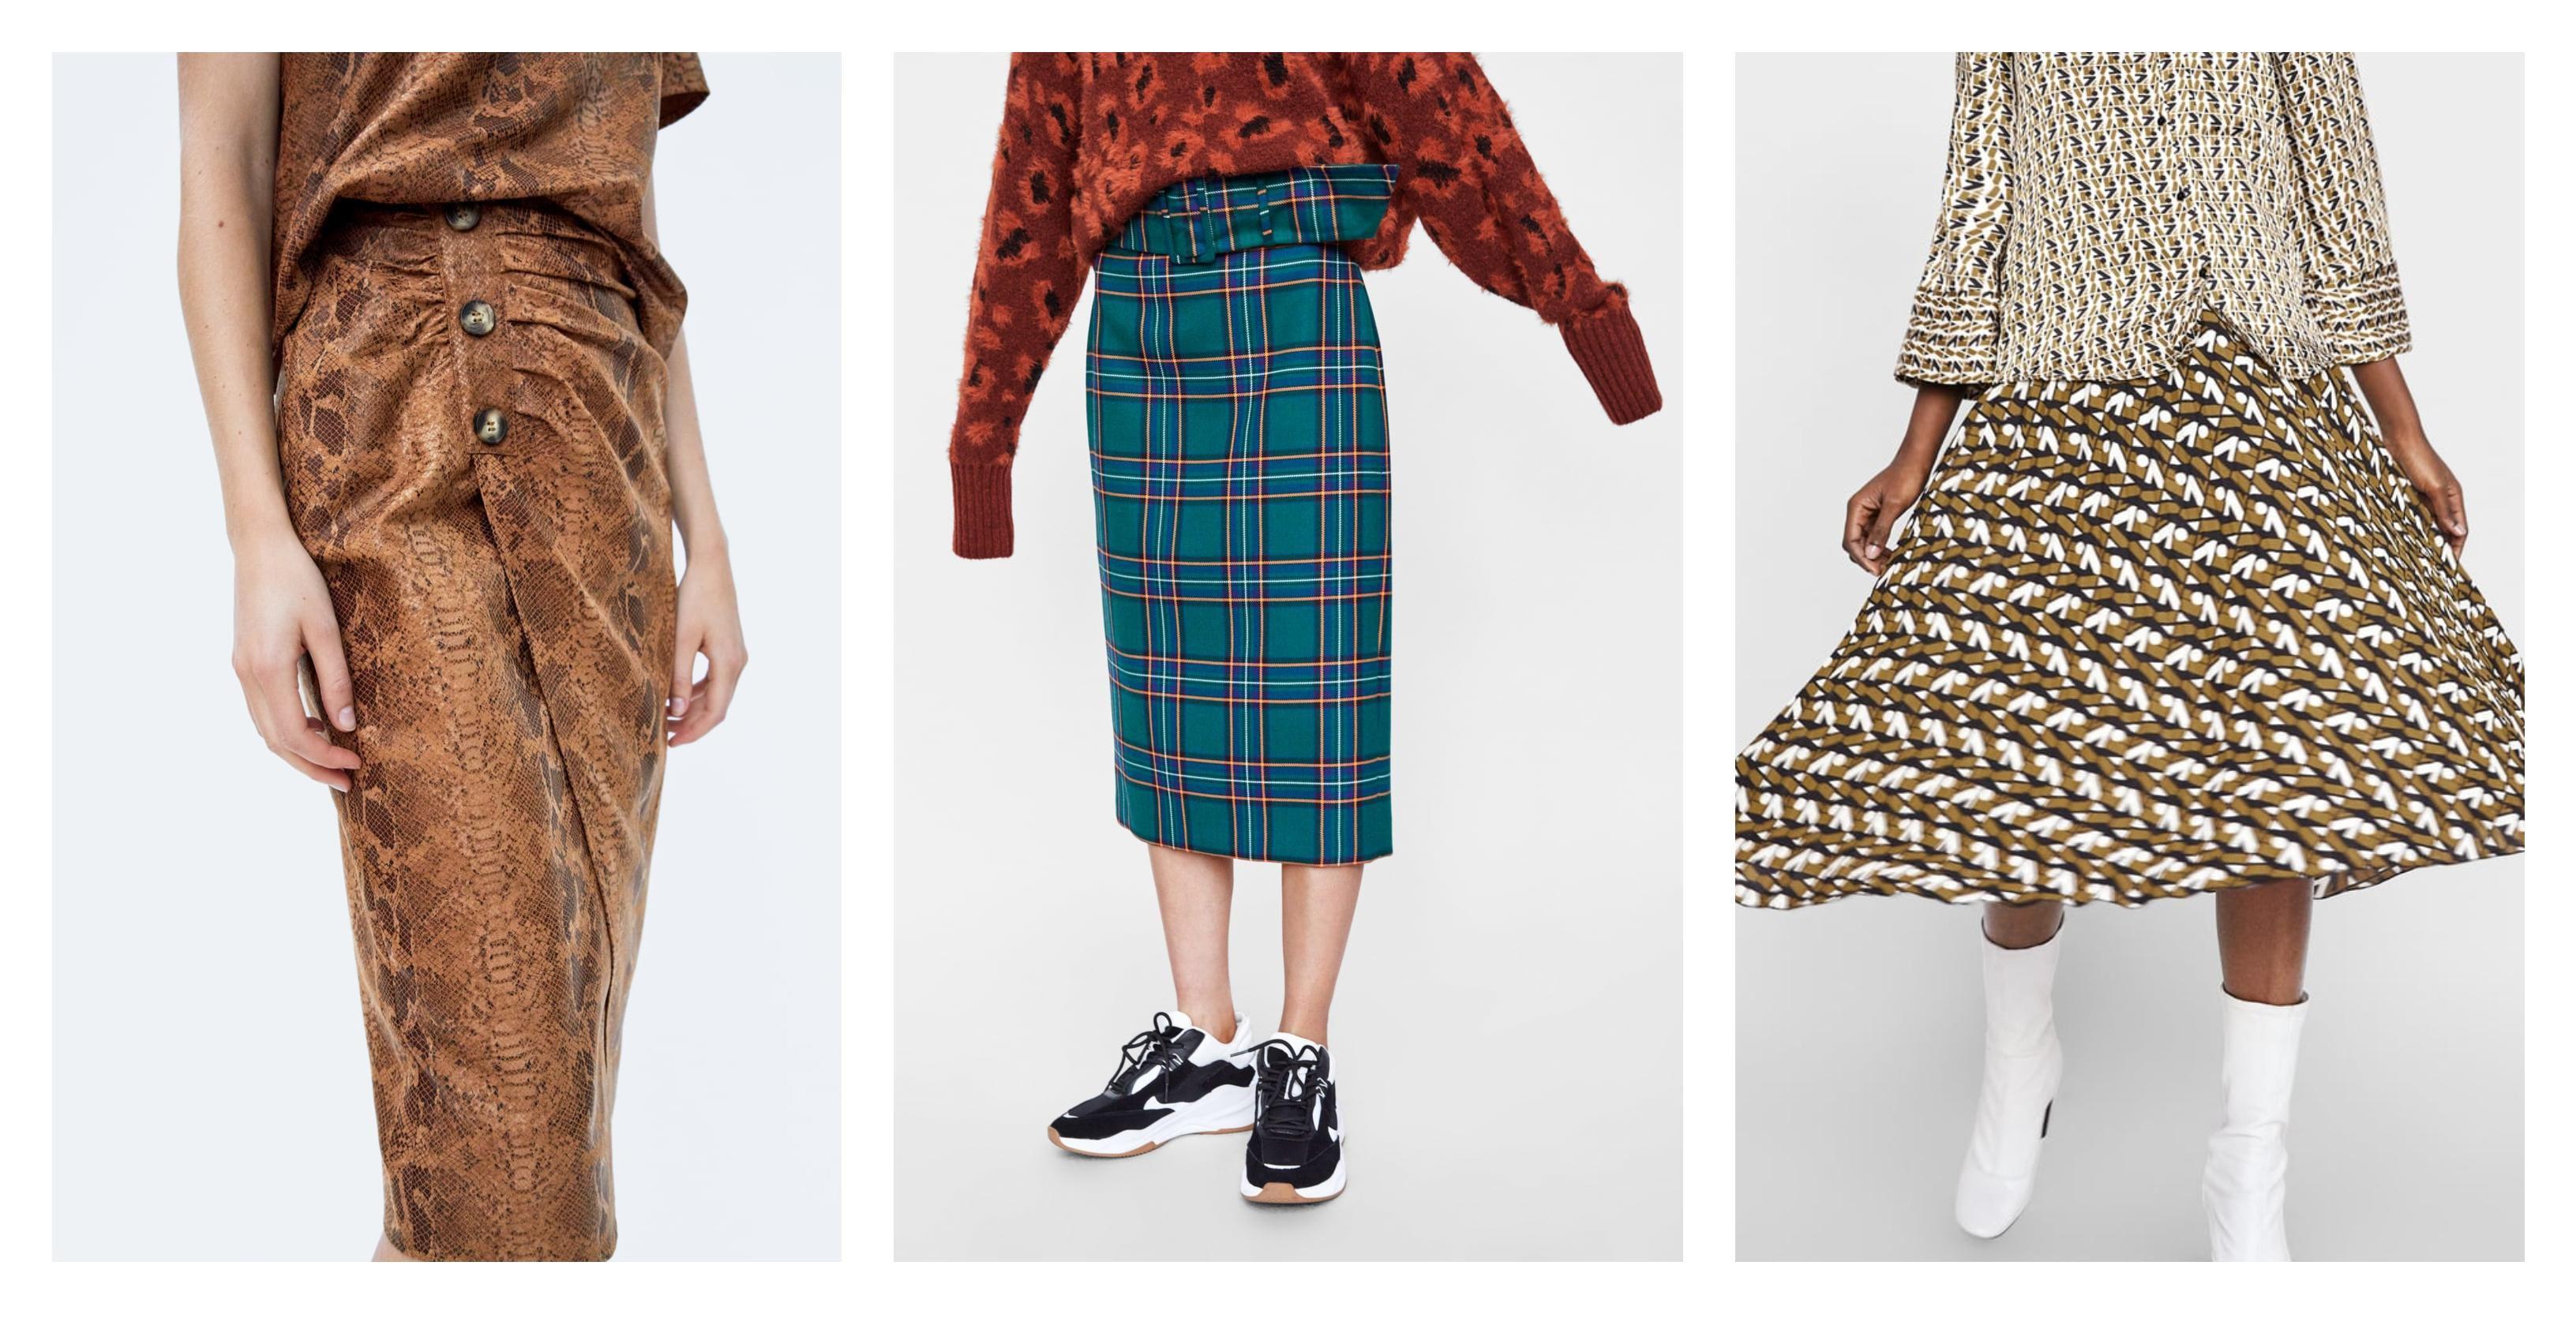 Kakve ćemo suknje nositi ove sezone? Jedno je sigurno - bit će u znaku različitih uzoraka!